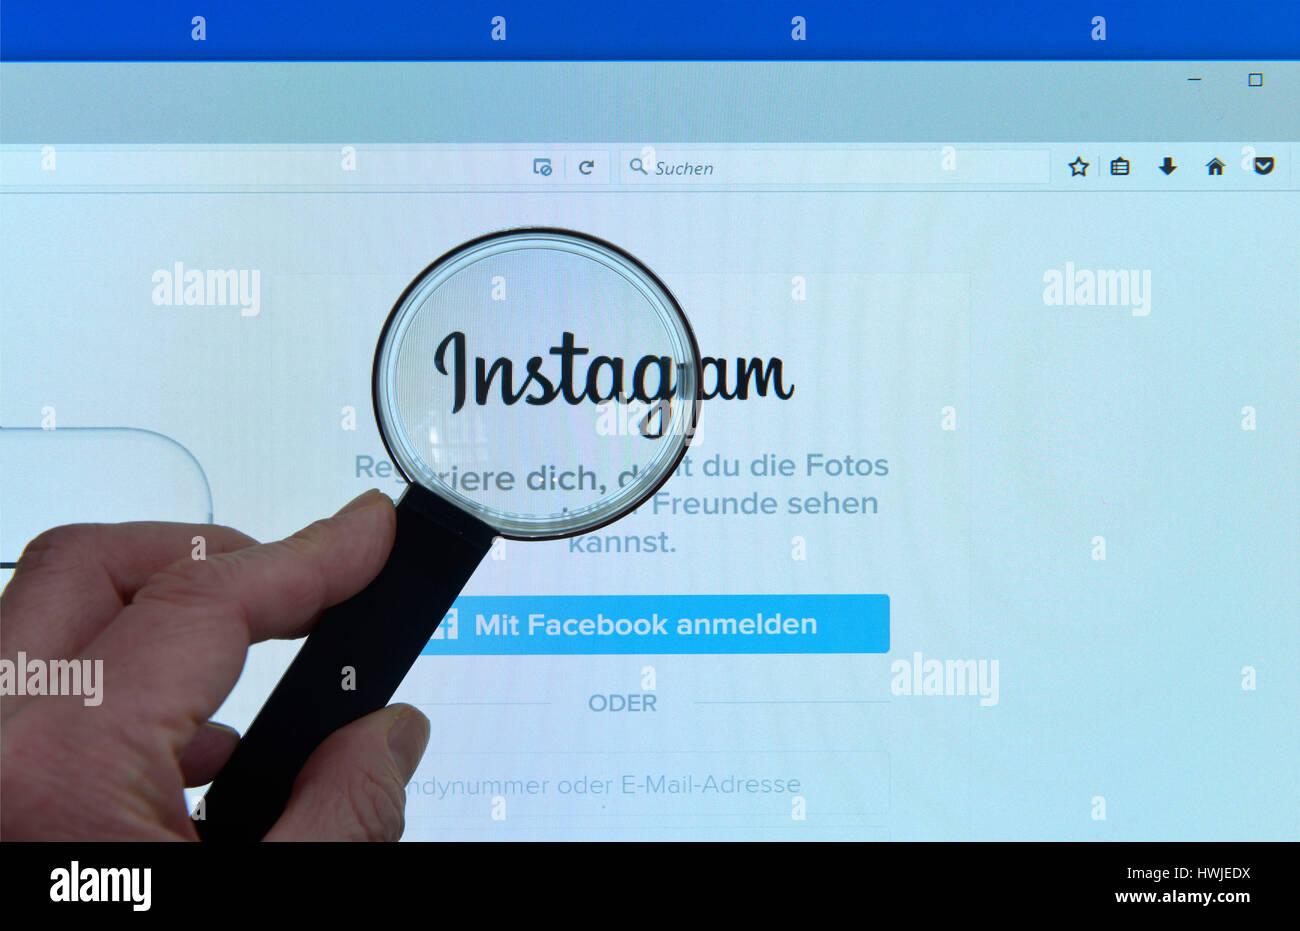 Instagram, Website, Bildschirm, Lupe - Stock Image